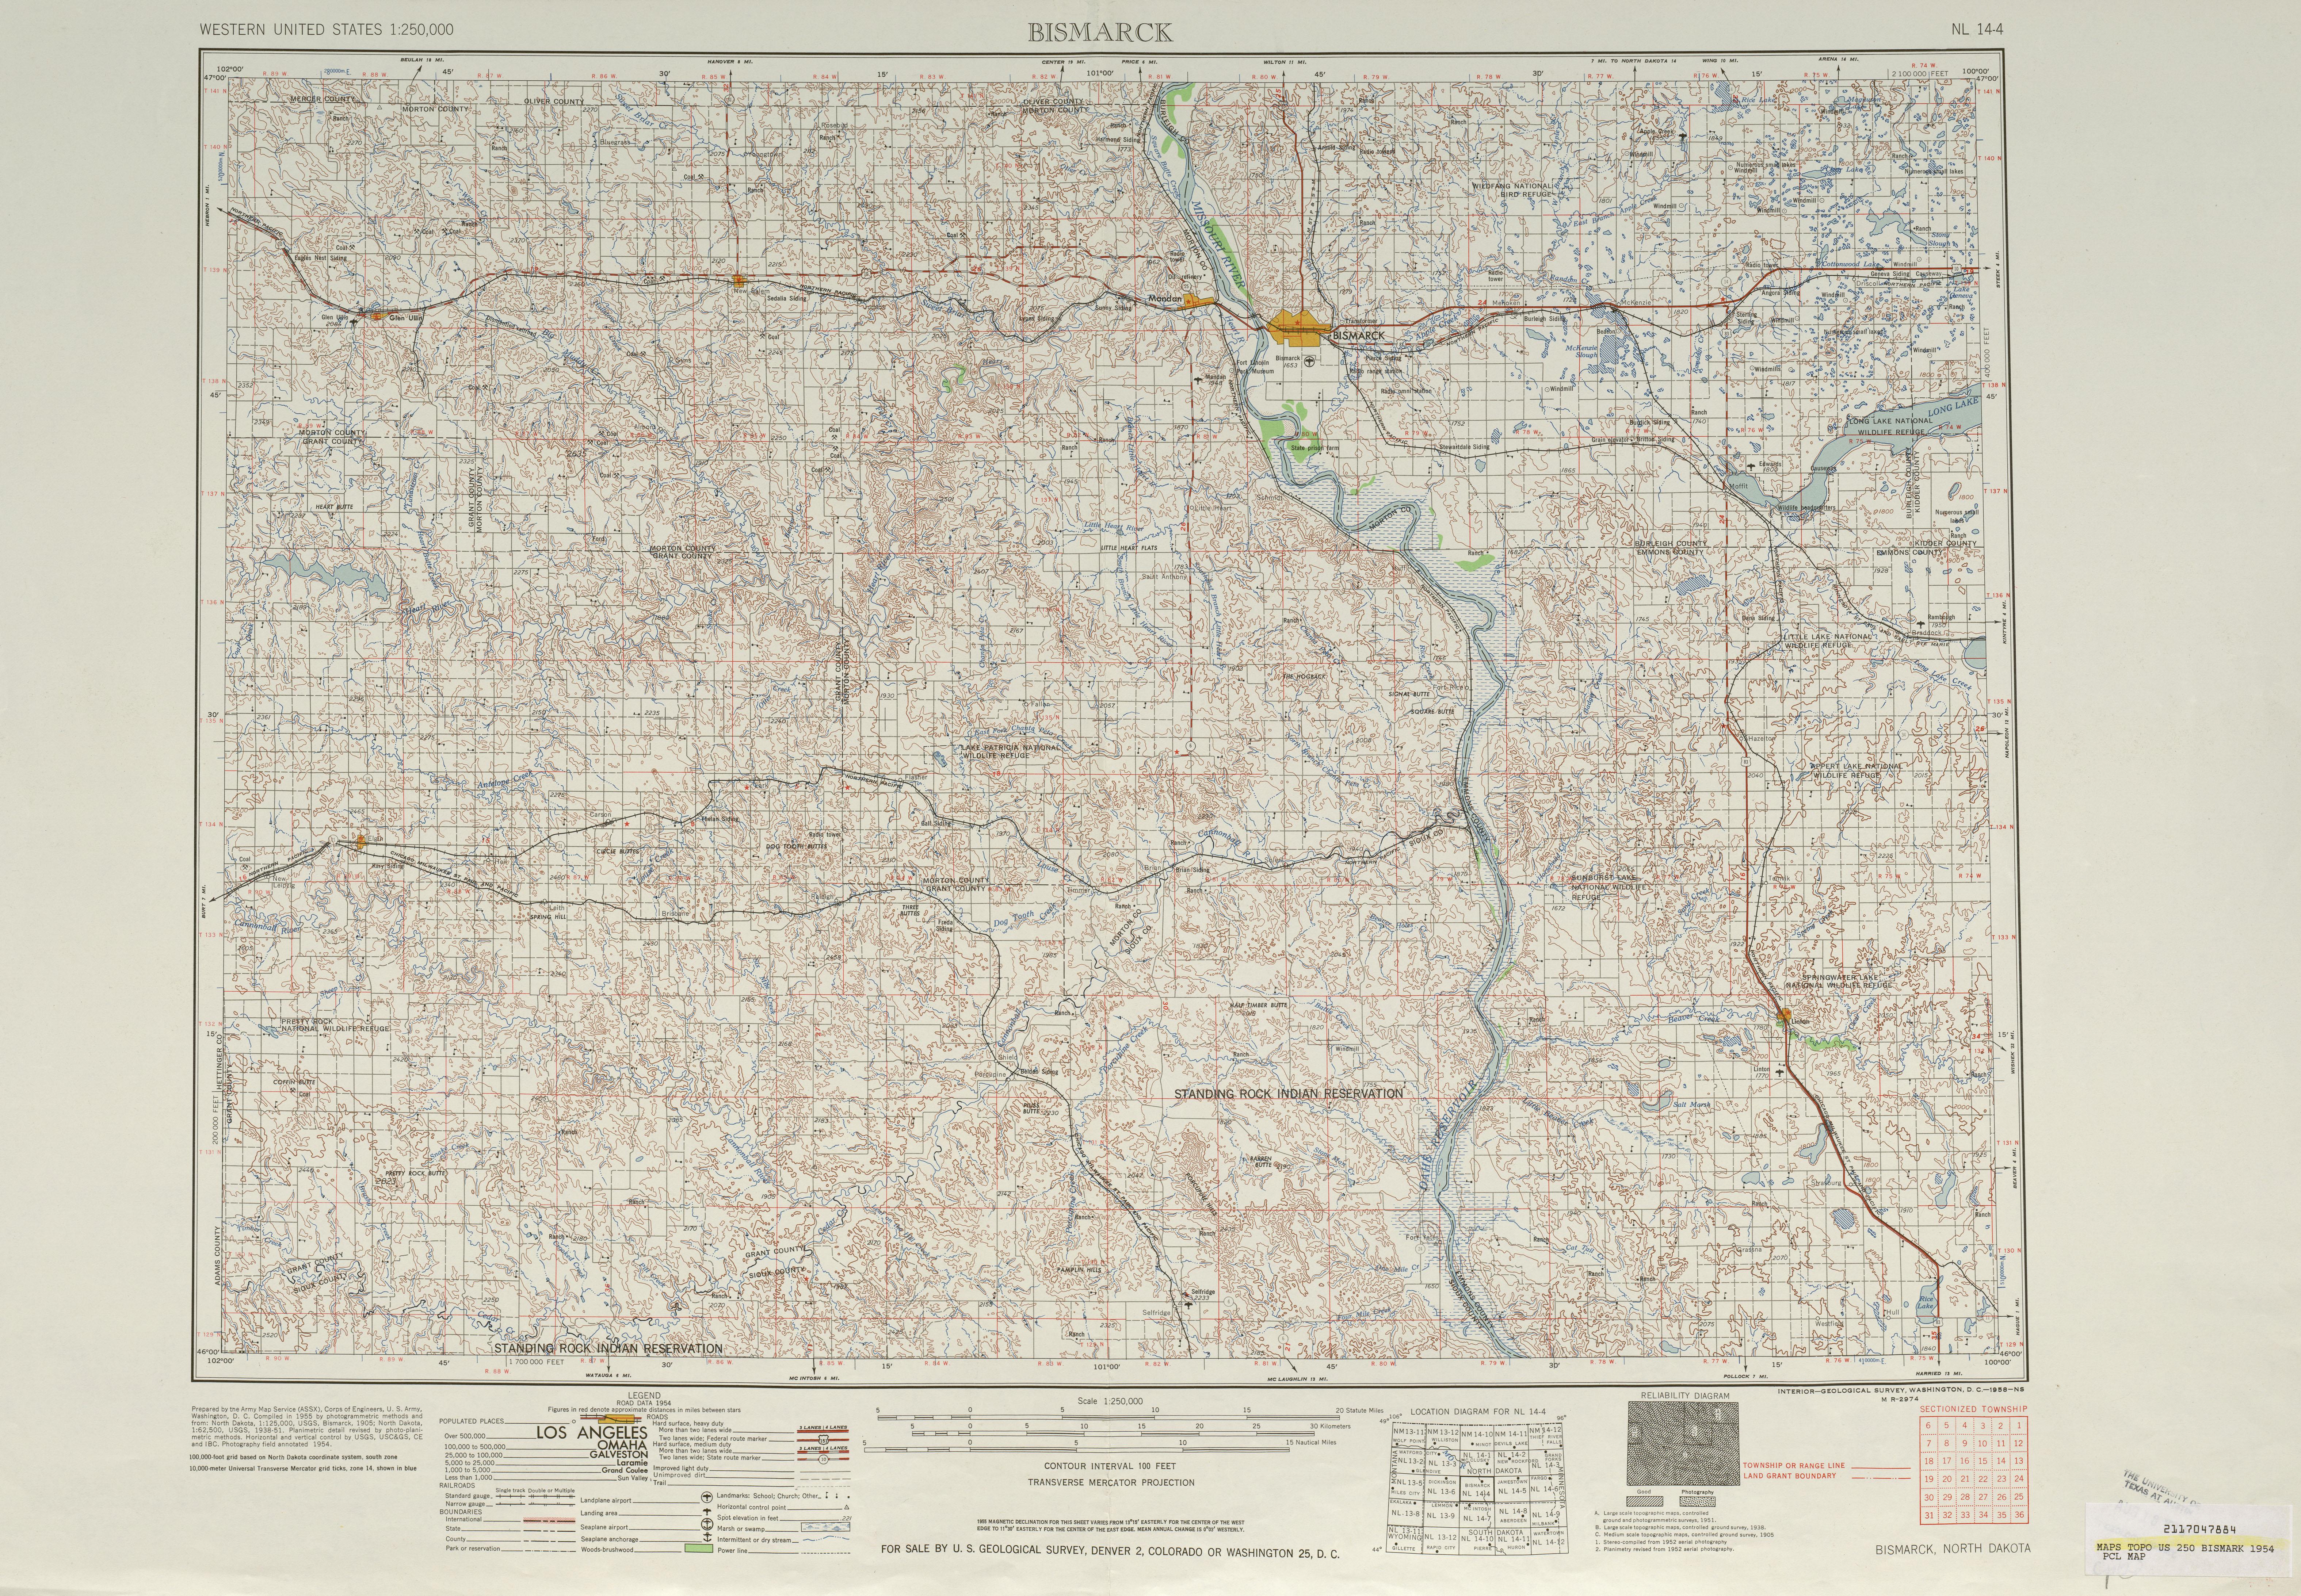 Hoja Bismarck del Mapa Topográfico de los Estados Unidos 1954